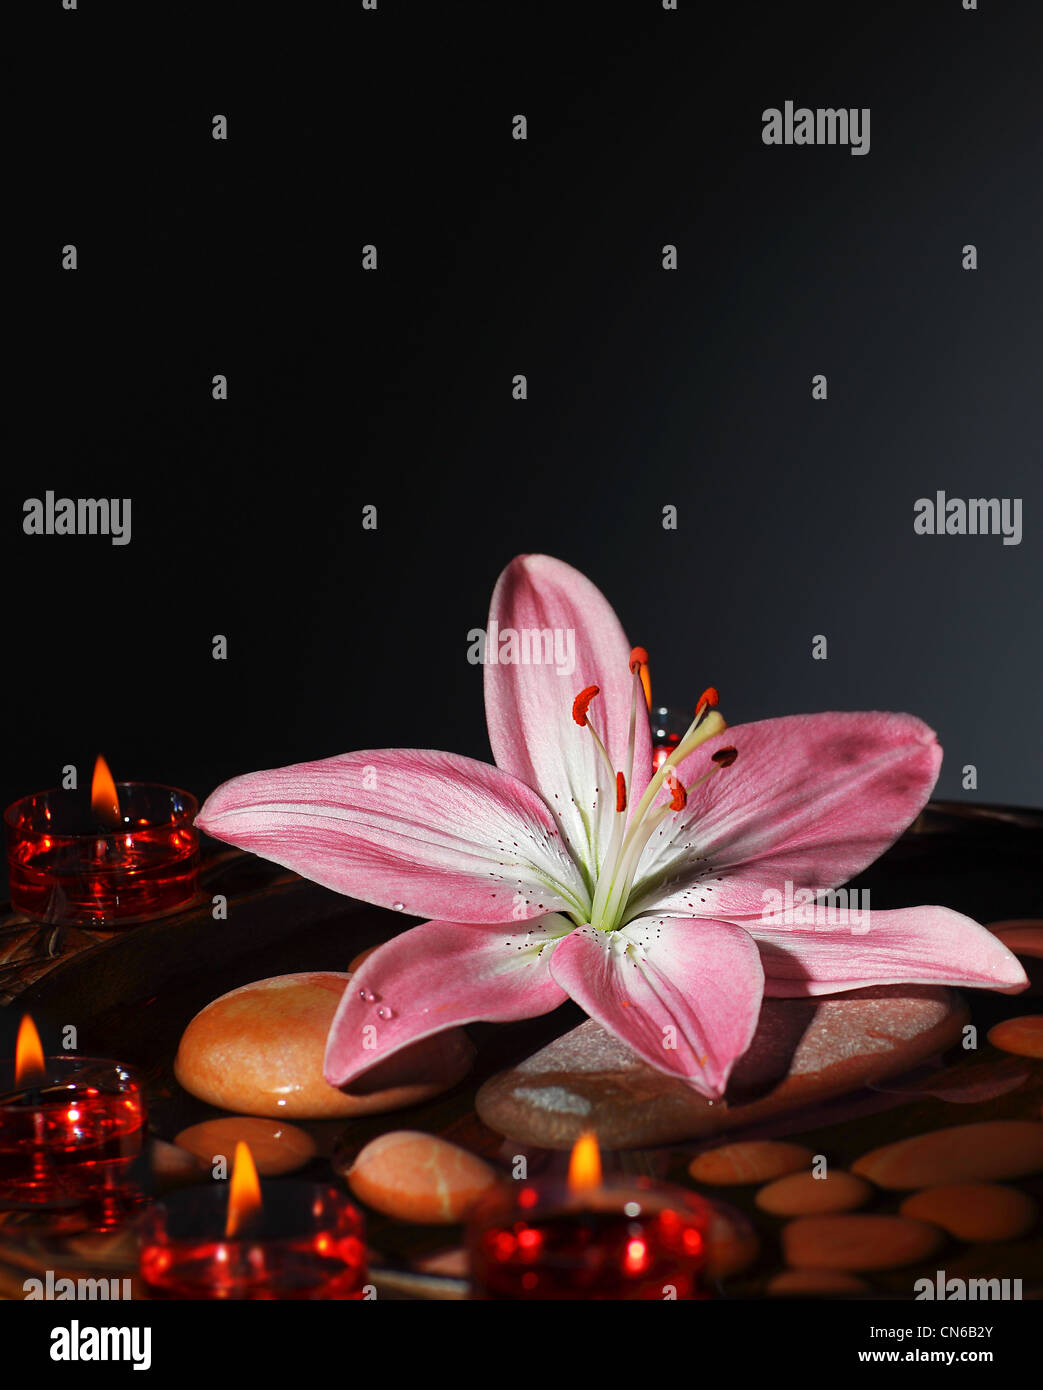 Il Colore Delle Candele.Atmosfera Zen A Spa Salone La Calda Luce Delle Candele In